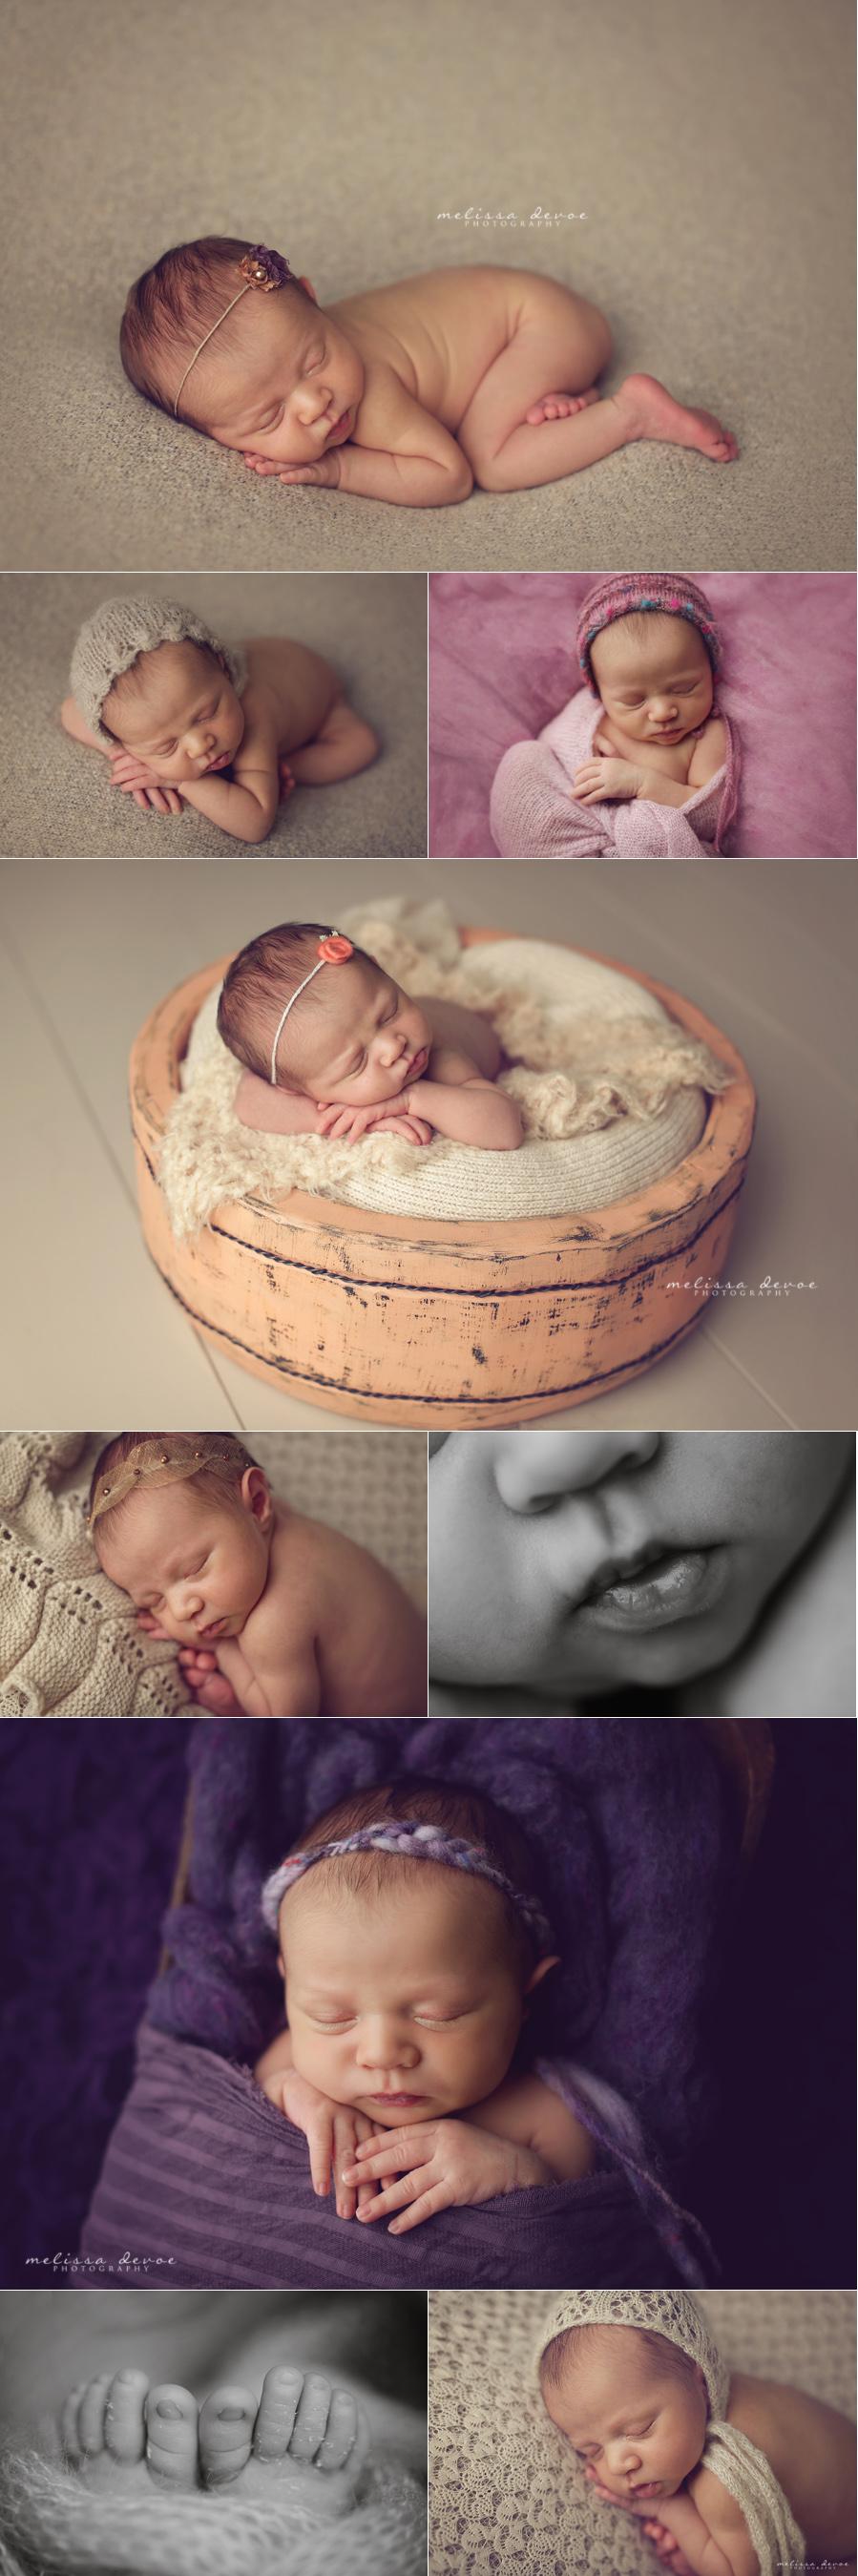 Melissa DeVoe Best Raleigh Newborn Baby Photographer